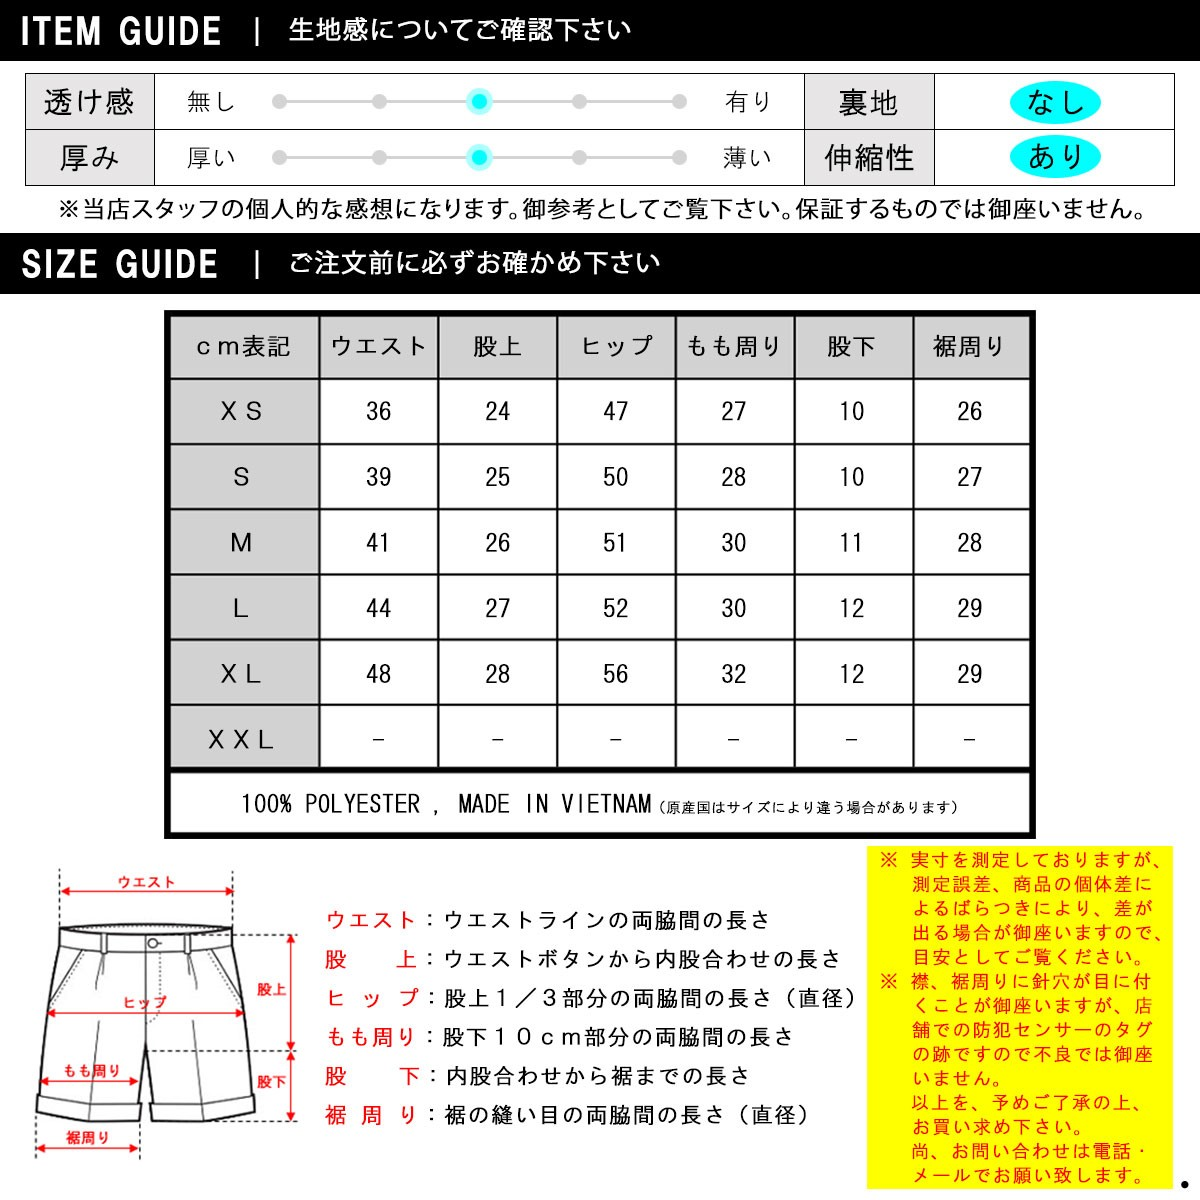 アバクロ 水着 メンズ 正規品 Abercrombie&Fitch スイムパンツ トランクス型 ボーダー柄 CLASSIC TRUNKS 5 INSEAM SHORT-LENGTH 133-350-0669-209